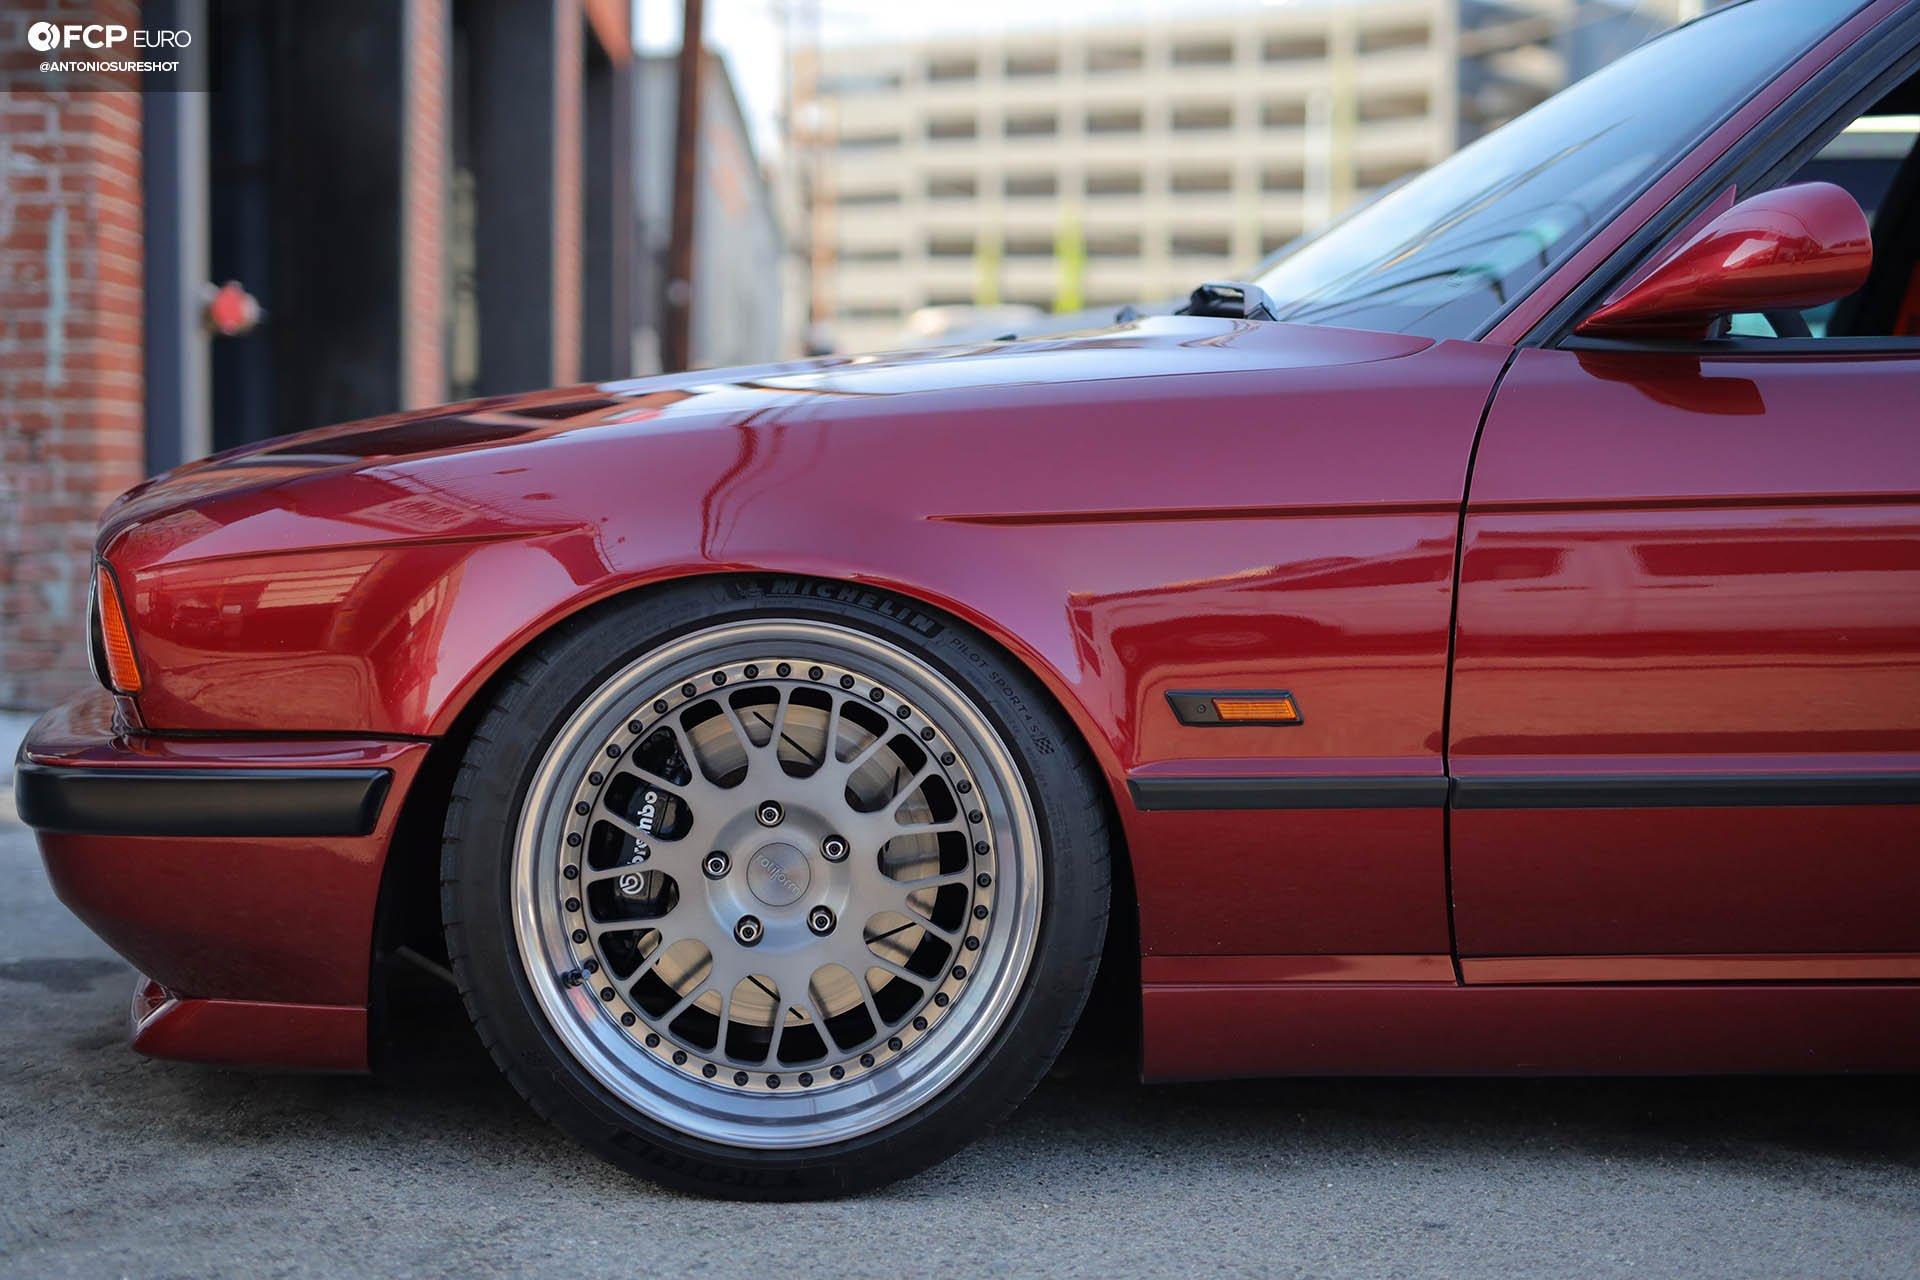 M60B44-Swapped M-Sport Monster – 1995 BMW E34 540i